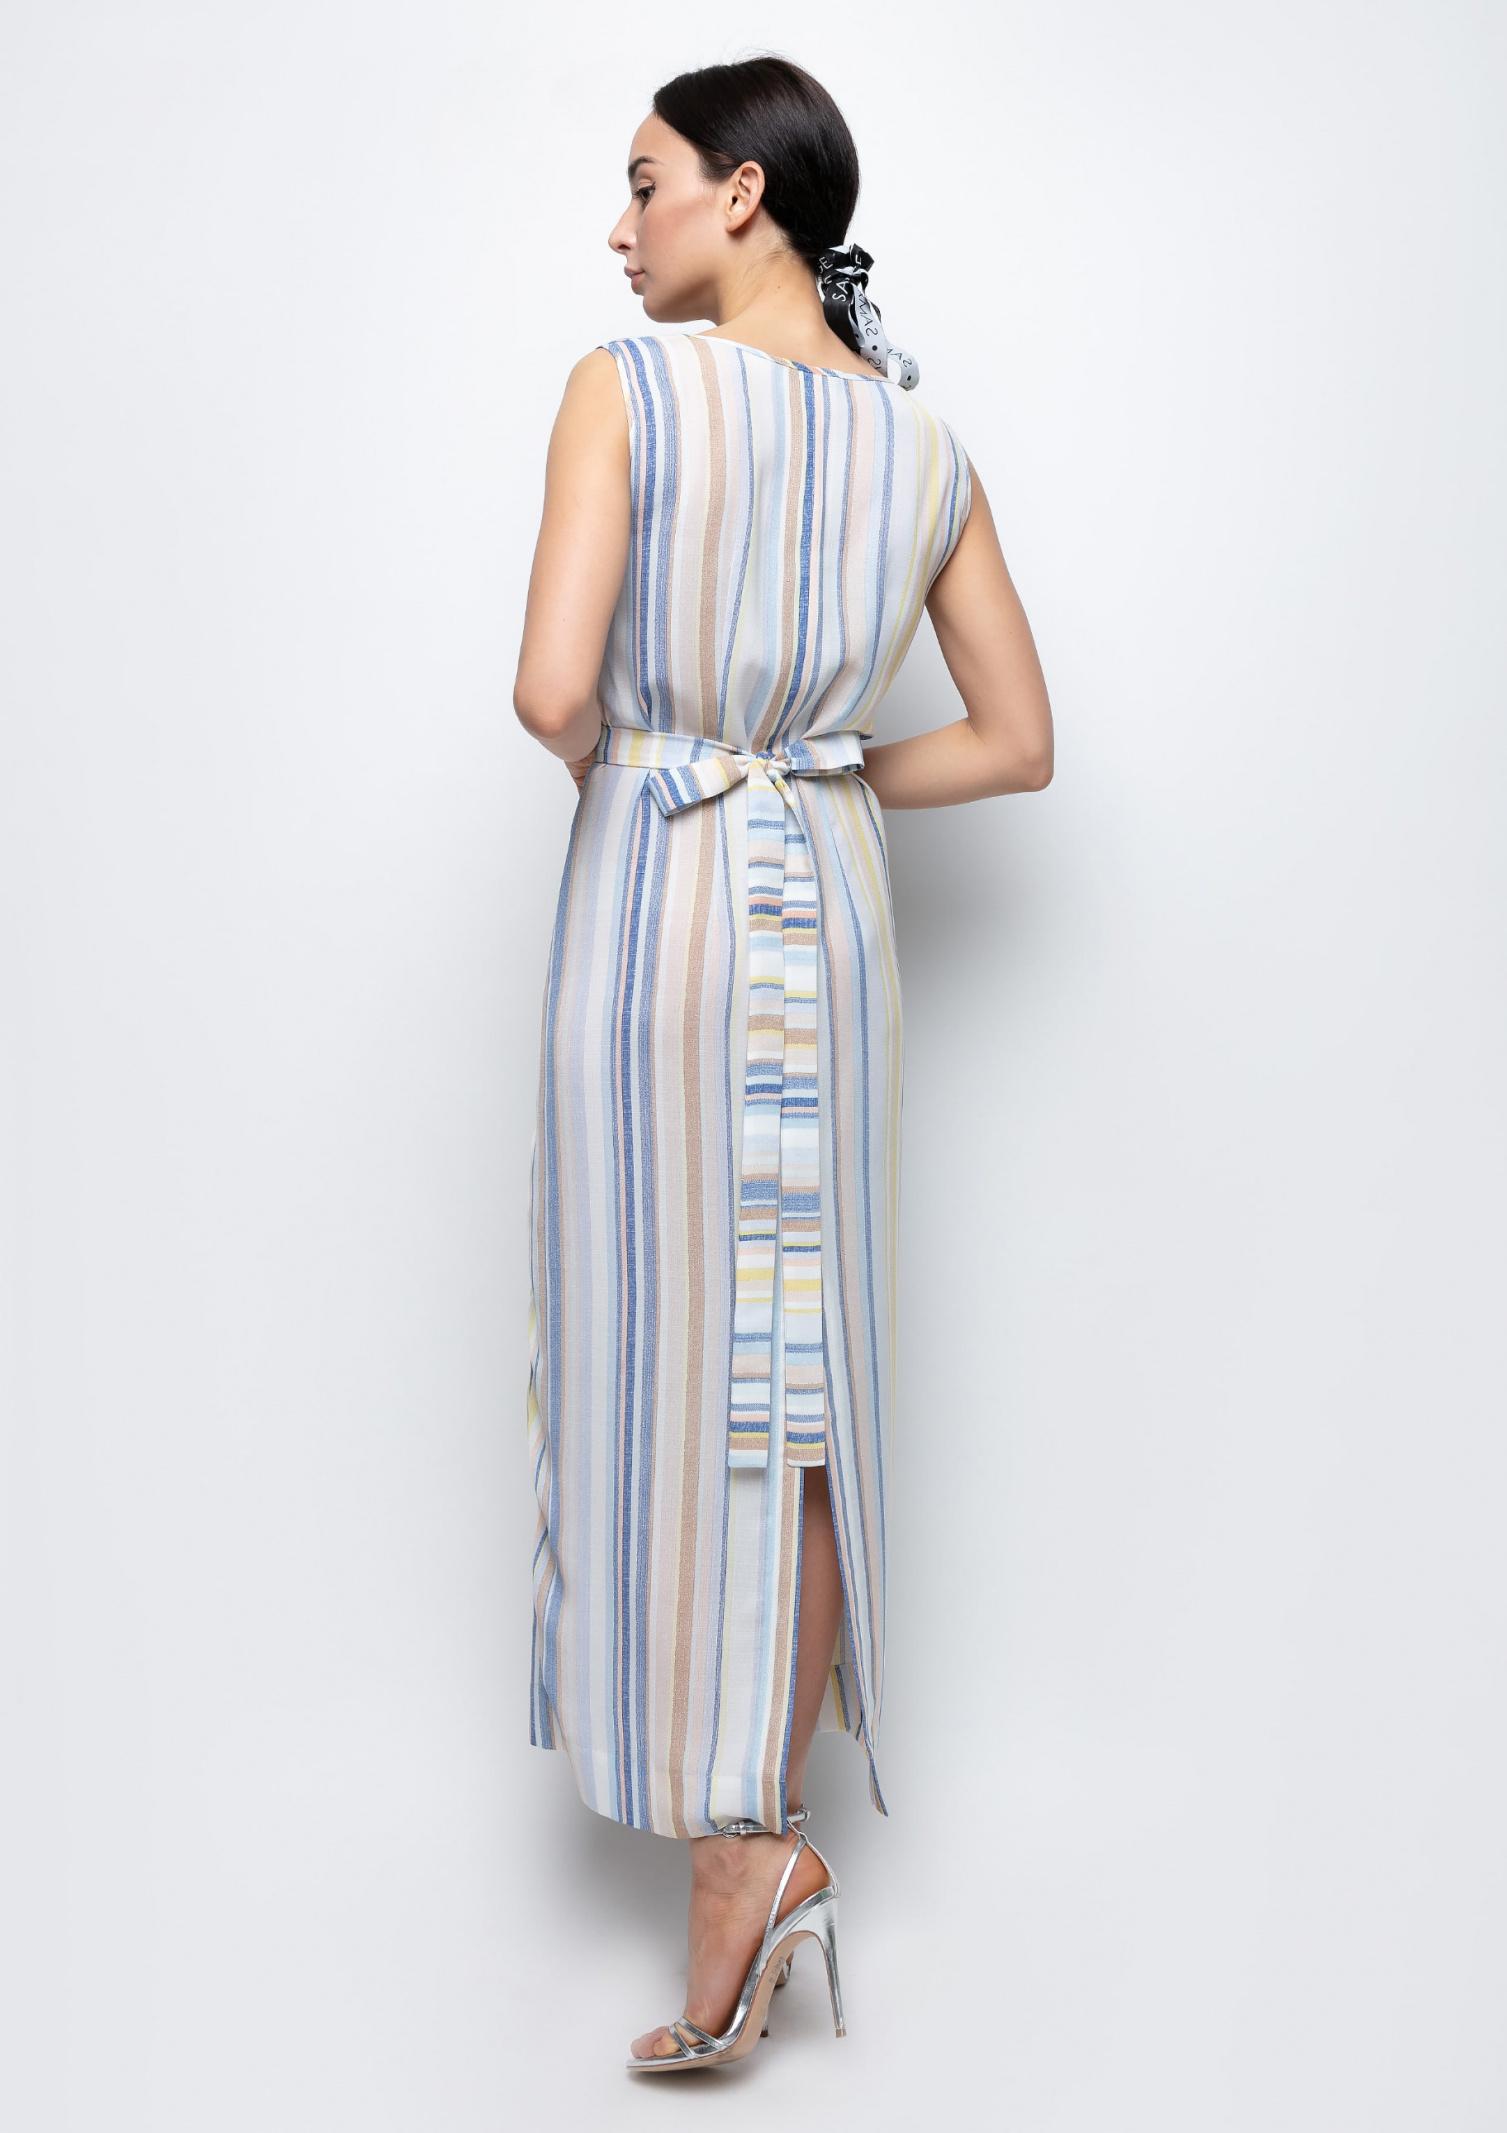 Samange Сукня жіночі модель 23DS_71 придбати, 2017